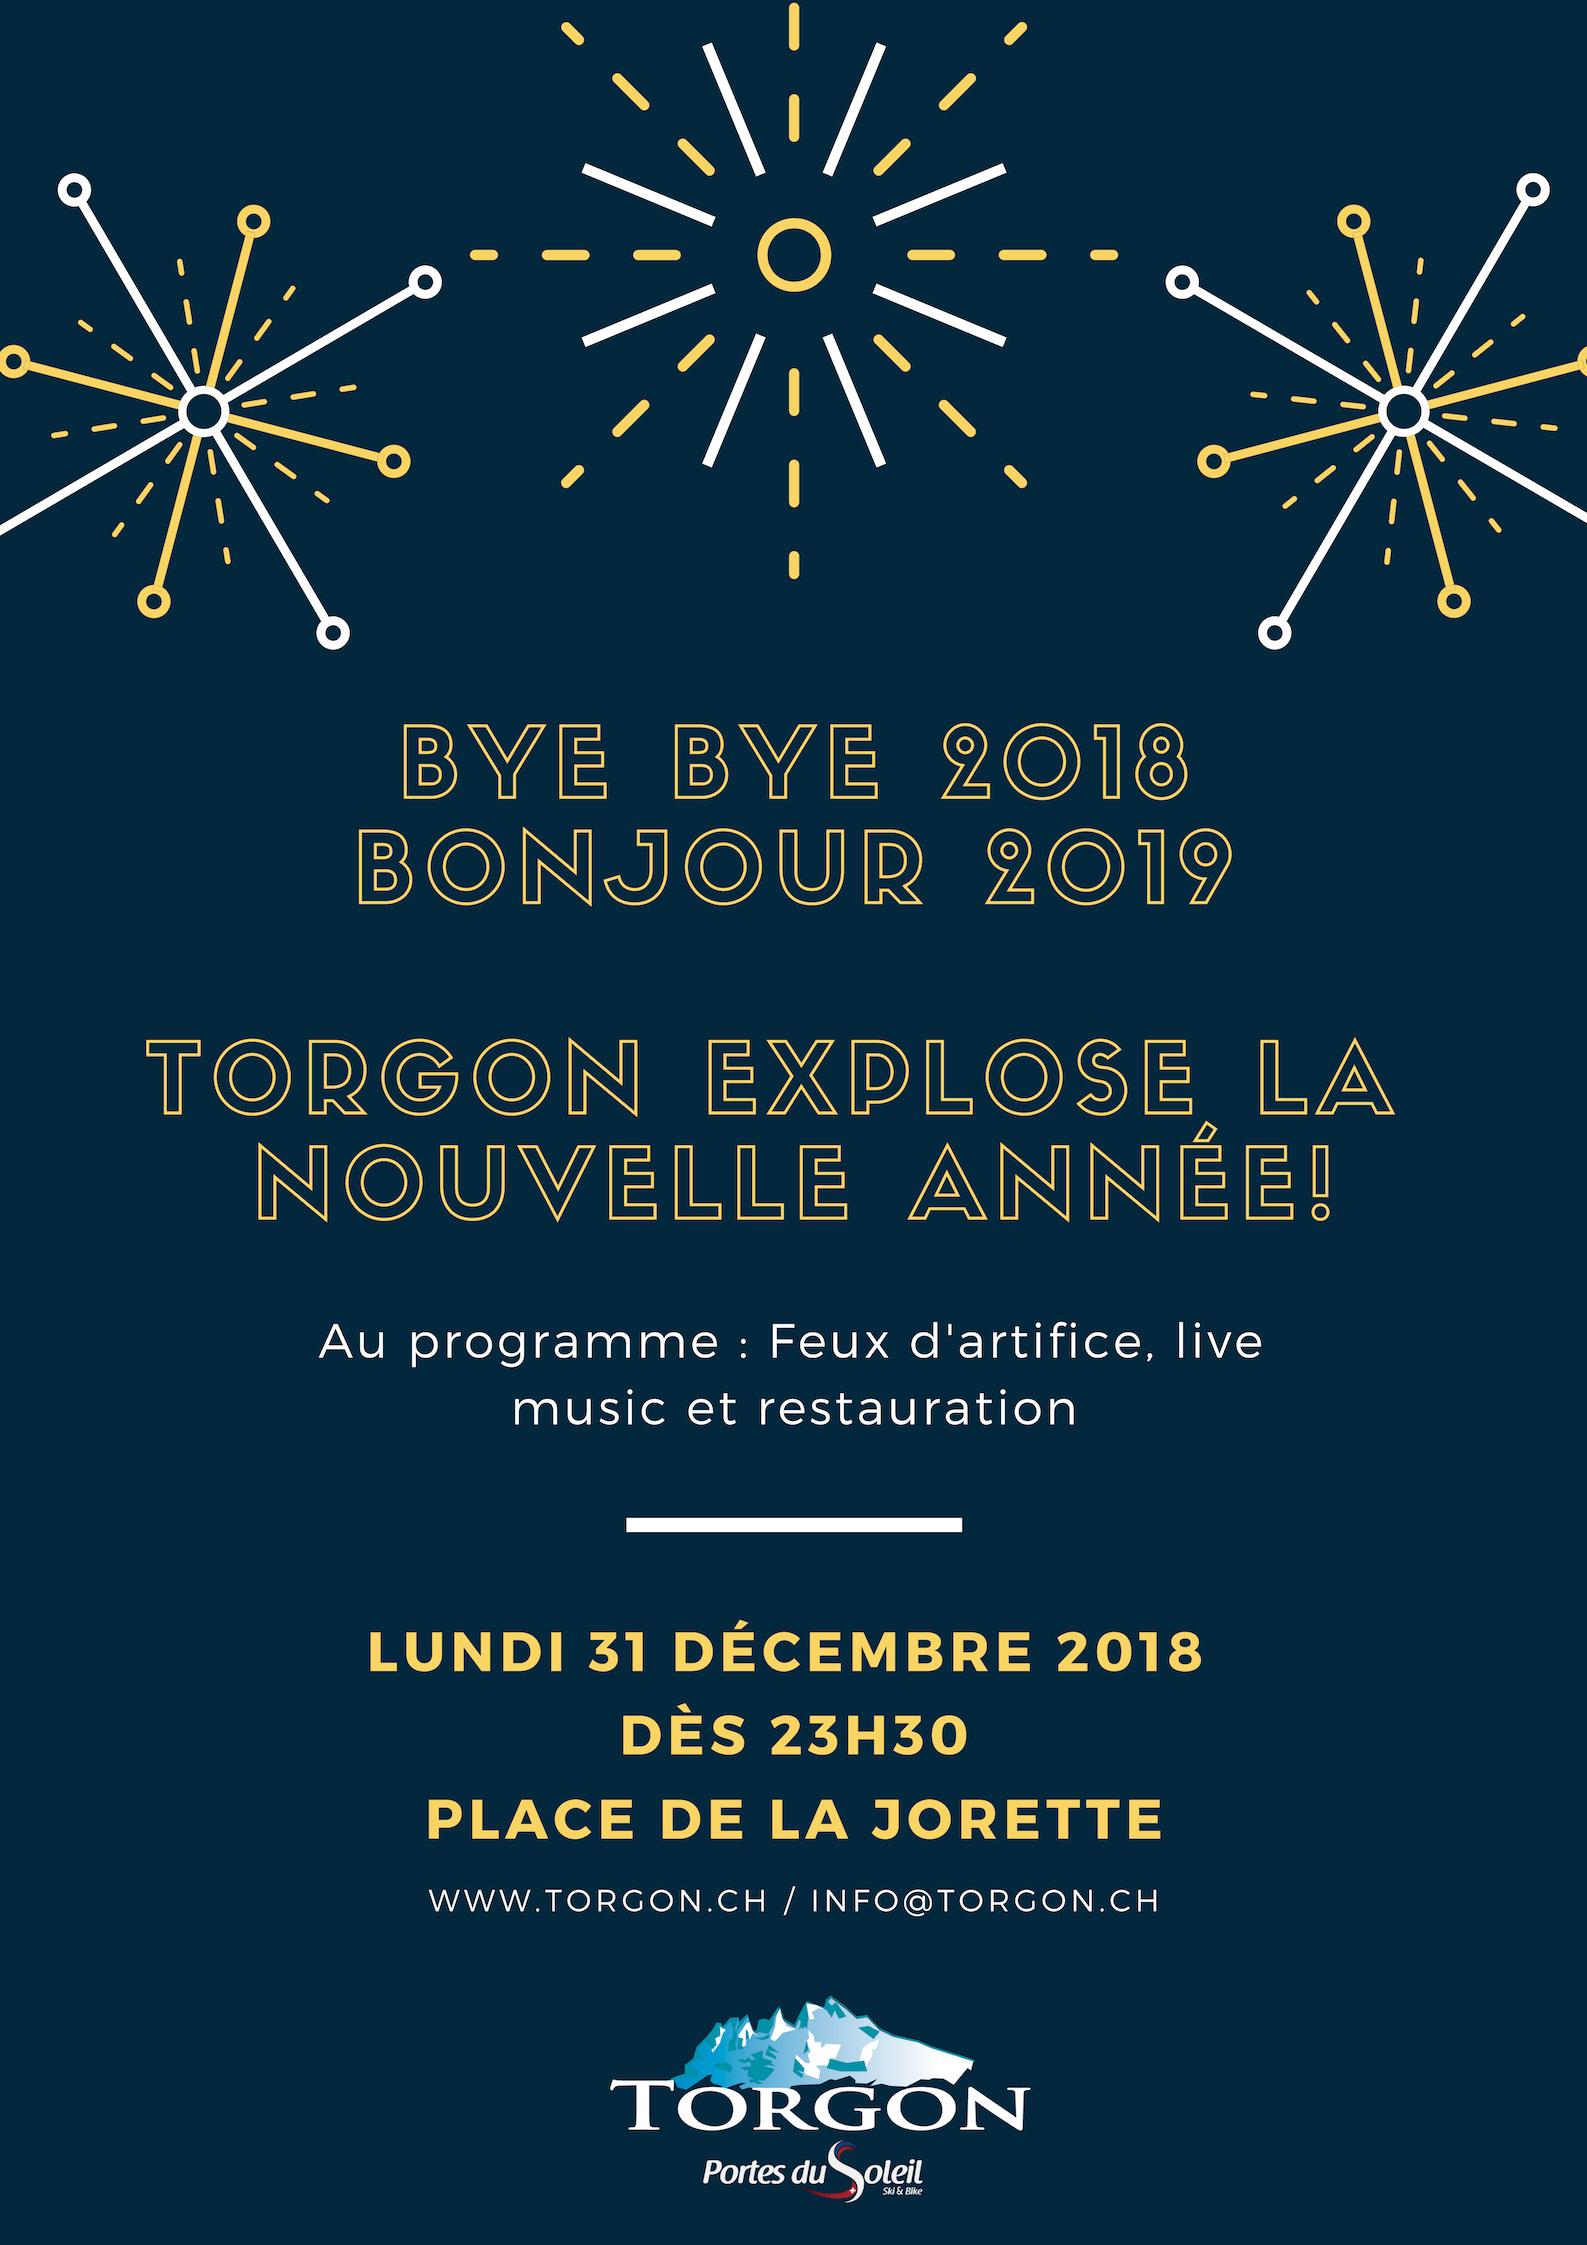 Torgon Explose la nouvelle année @  |  |